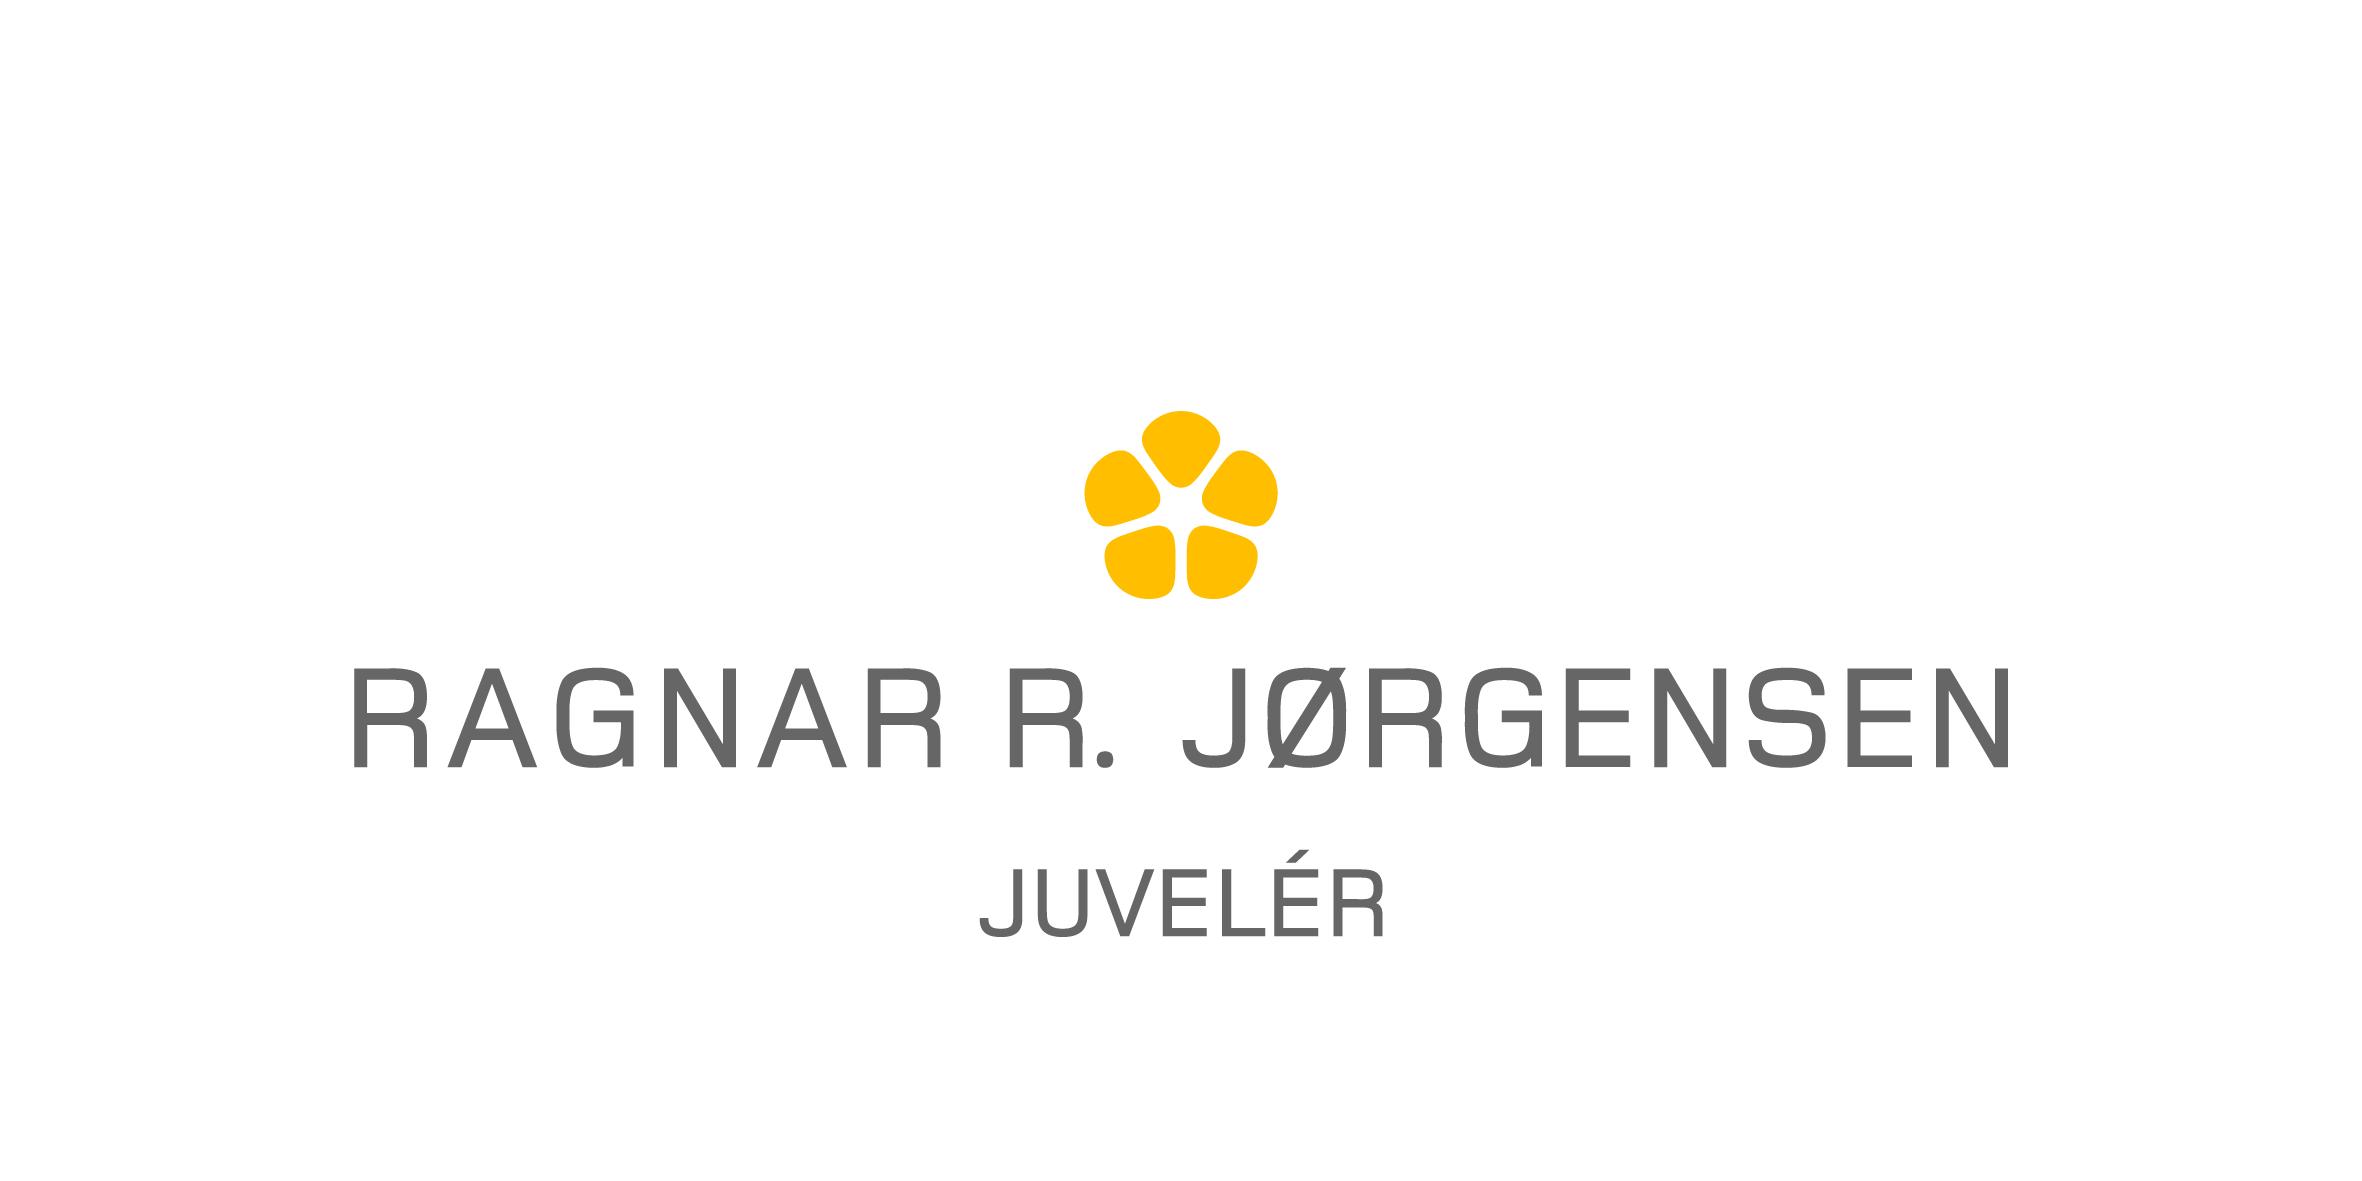 Ragnar R. Jørgensen logo